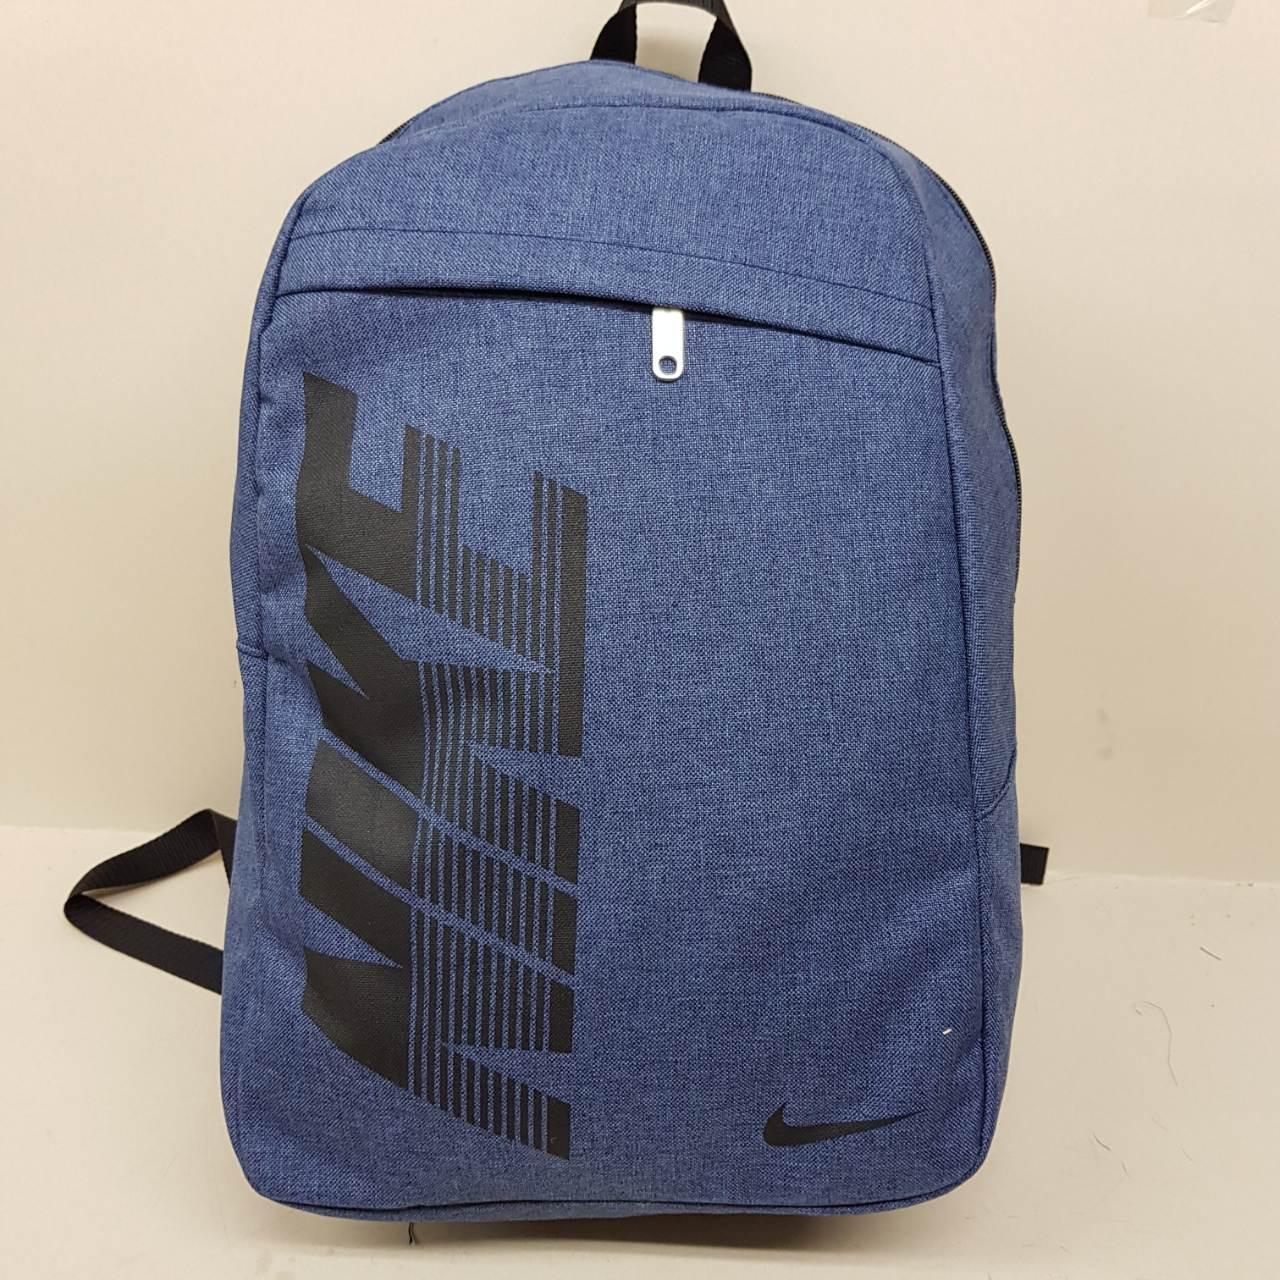 dd750e966c8a Рюкзак большой, МЕЛАНЖ, рюкзаки оптом, рюкзаки спортивные оптом,школьные  рюкзаки, сумка